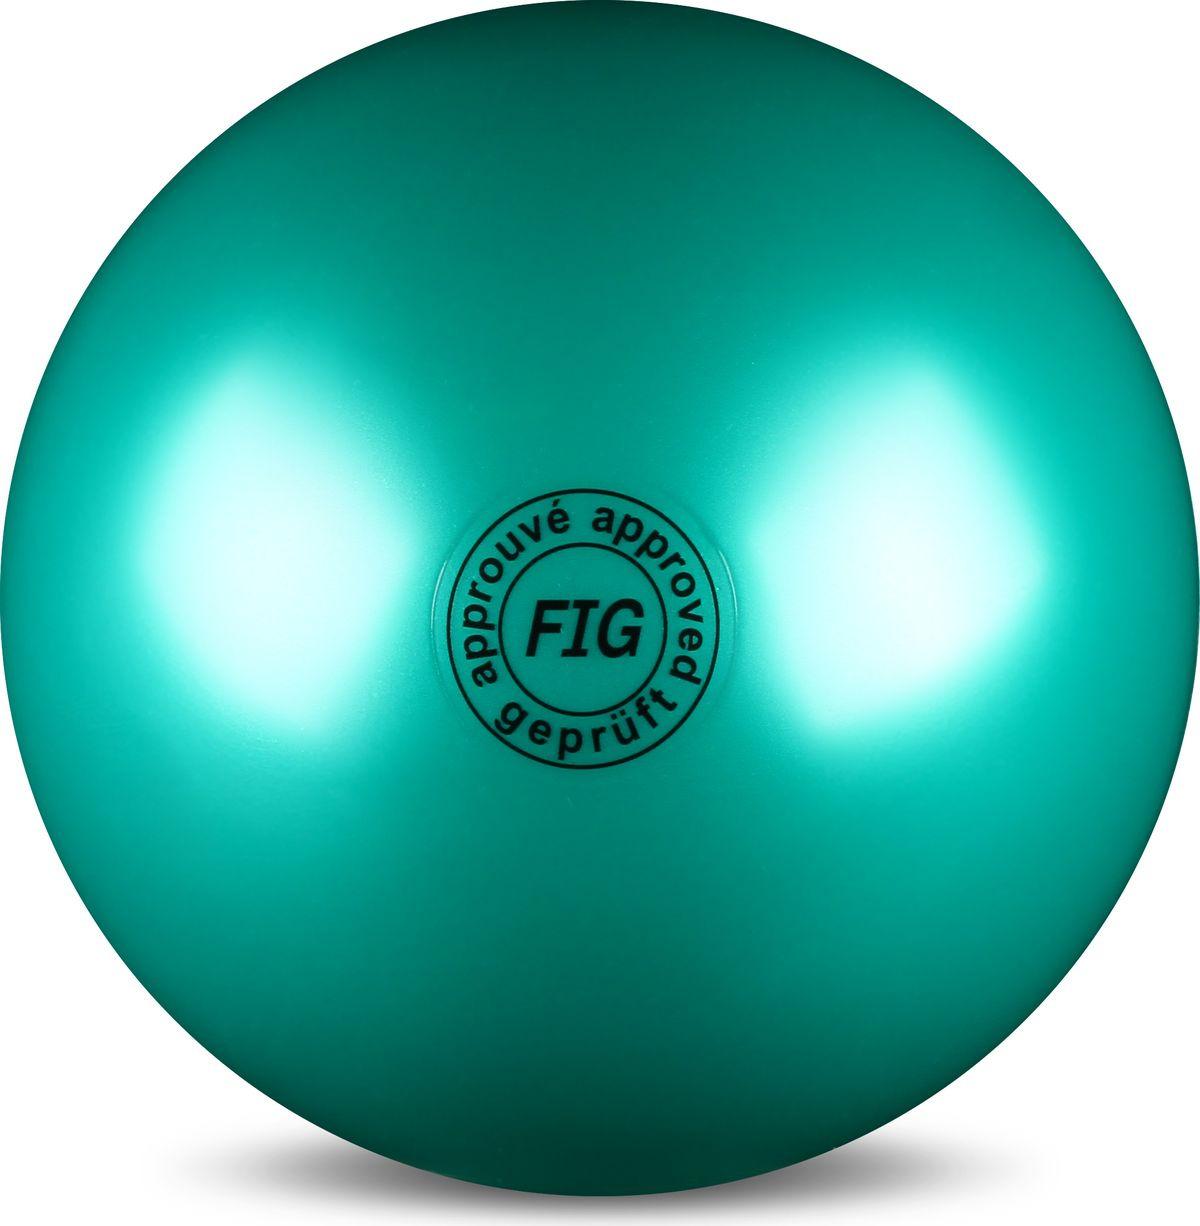 Мяч гимнастический Indigo, цвет: зеленый, диаметр 19 см